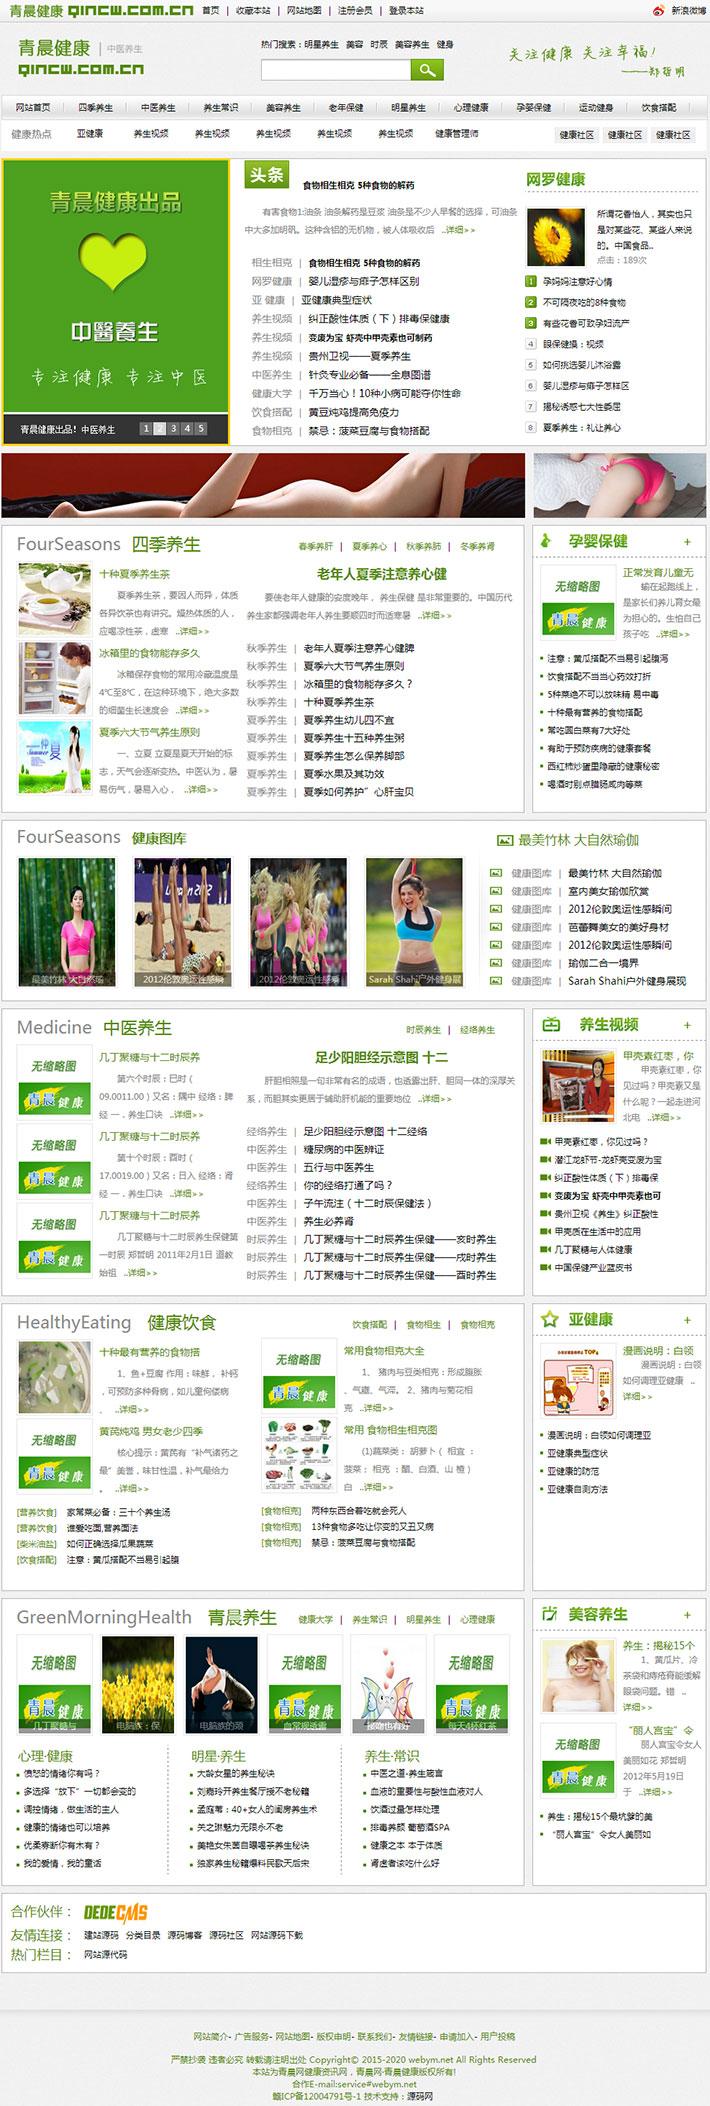 健康信息网站代码